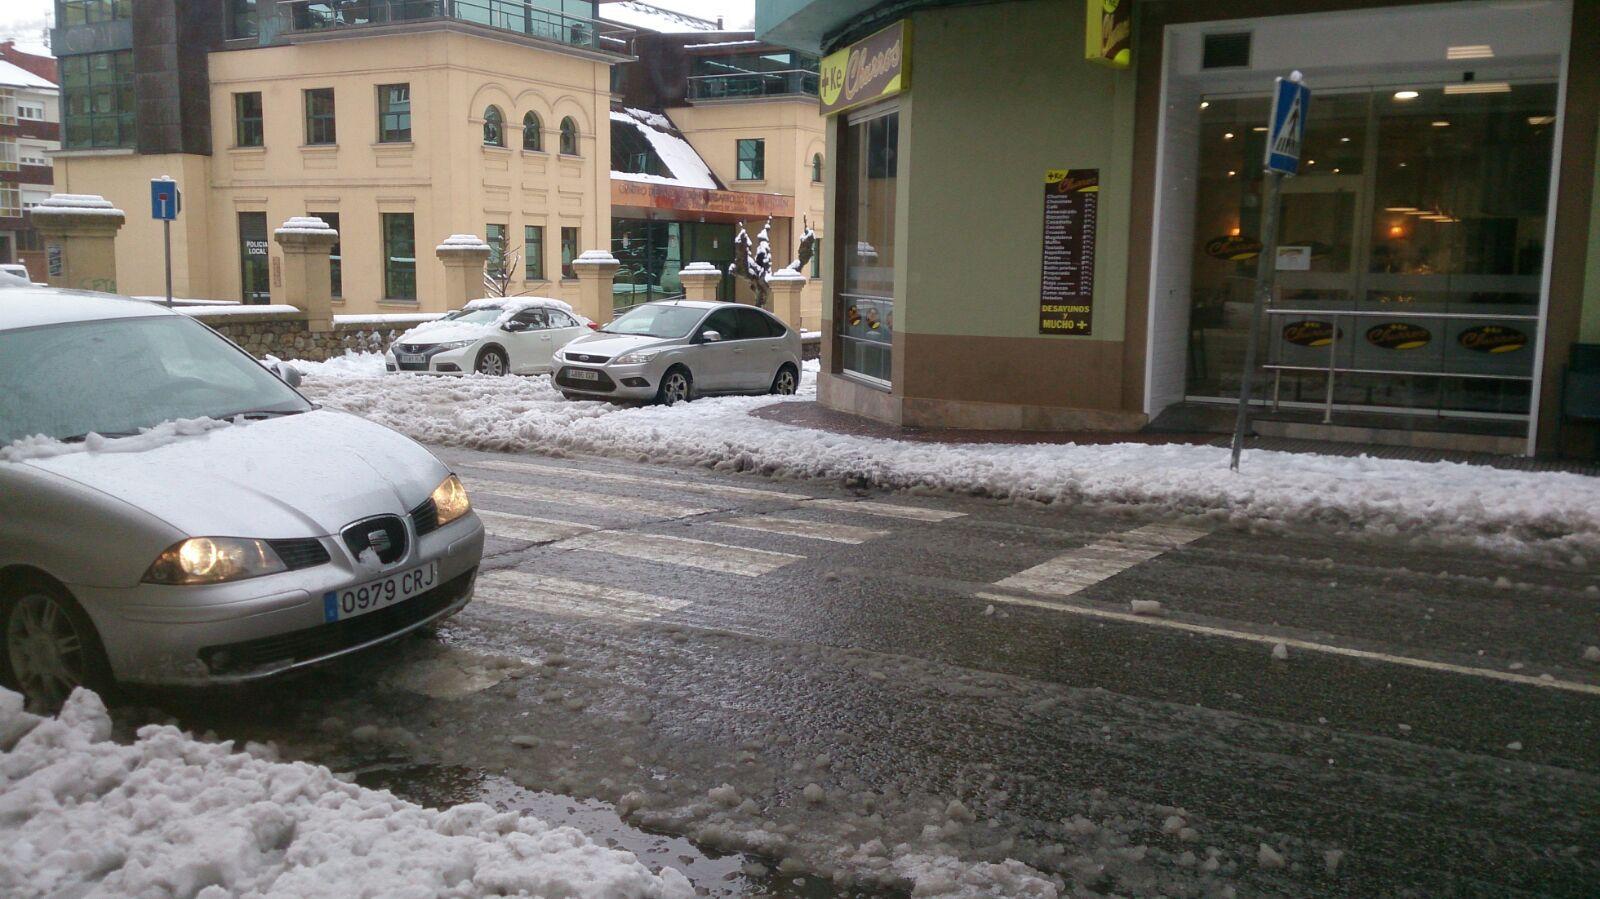 La nieve dificulta el tráfico en la autopista del Huerna.La nieve llega a Laviana